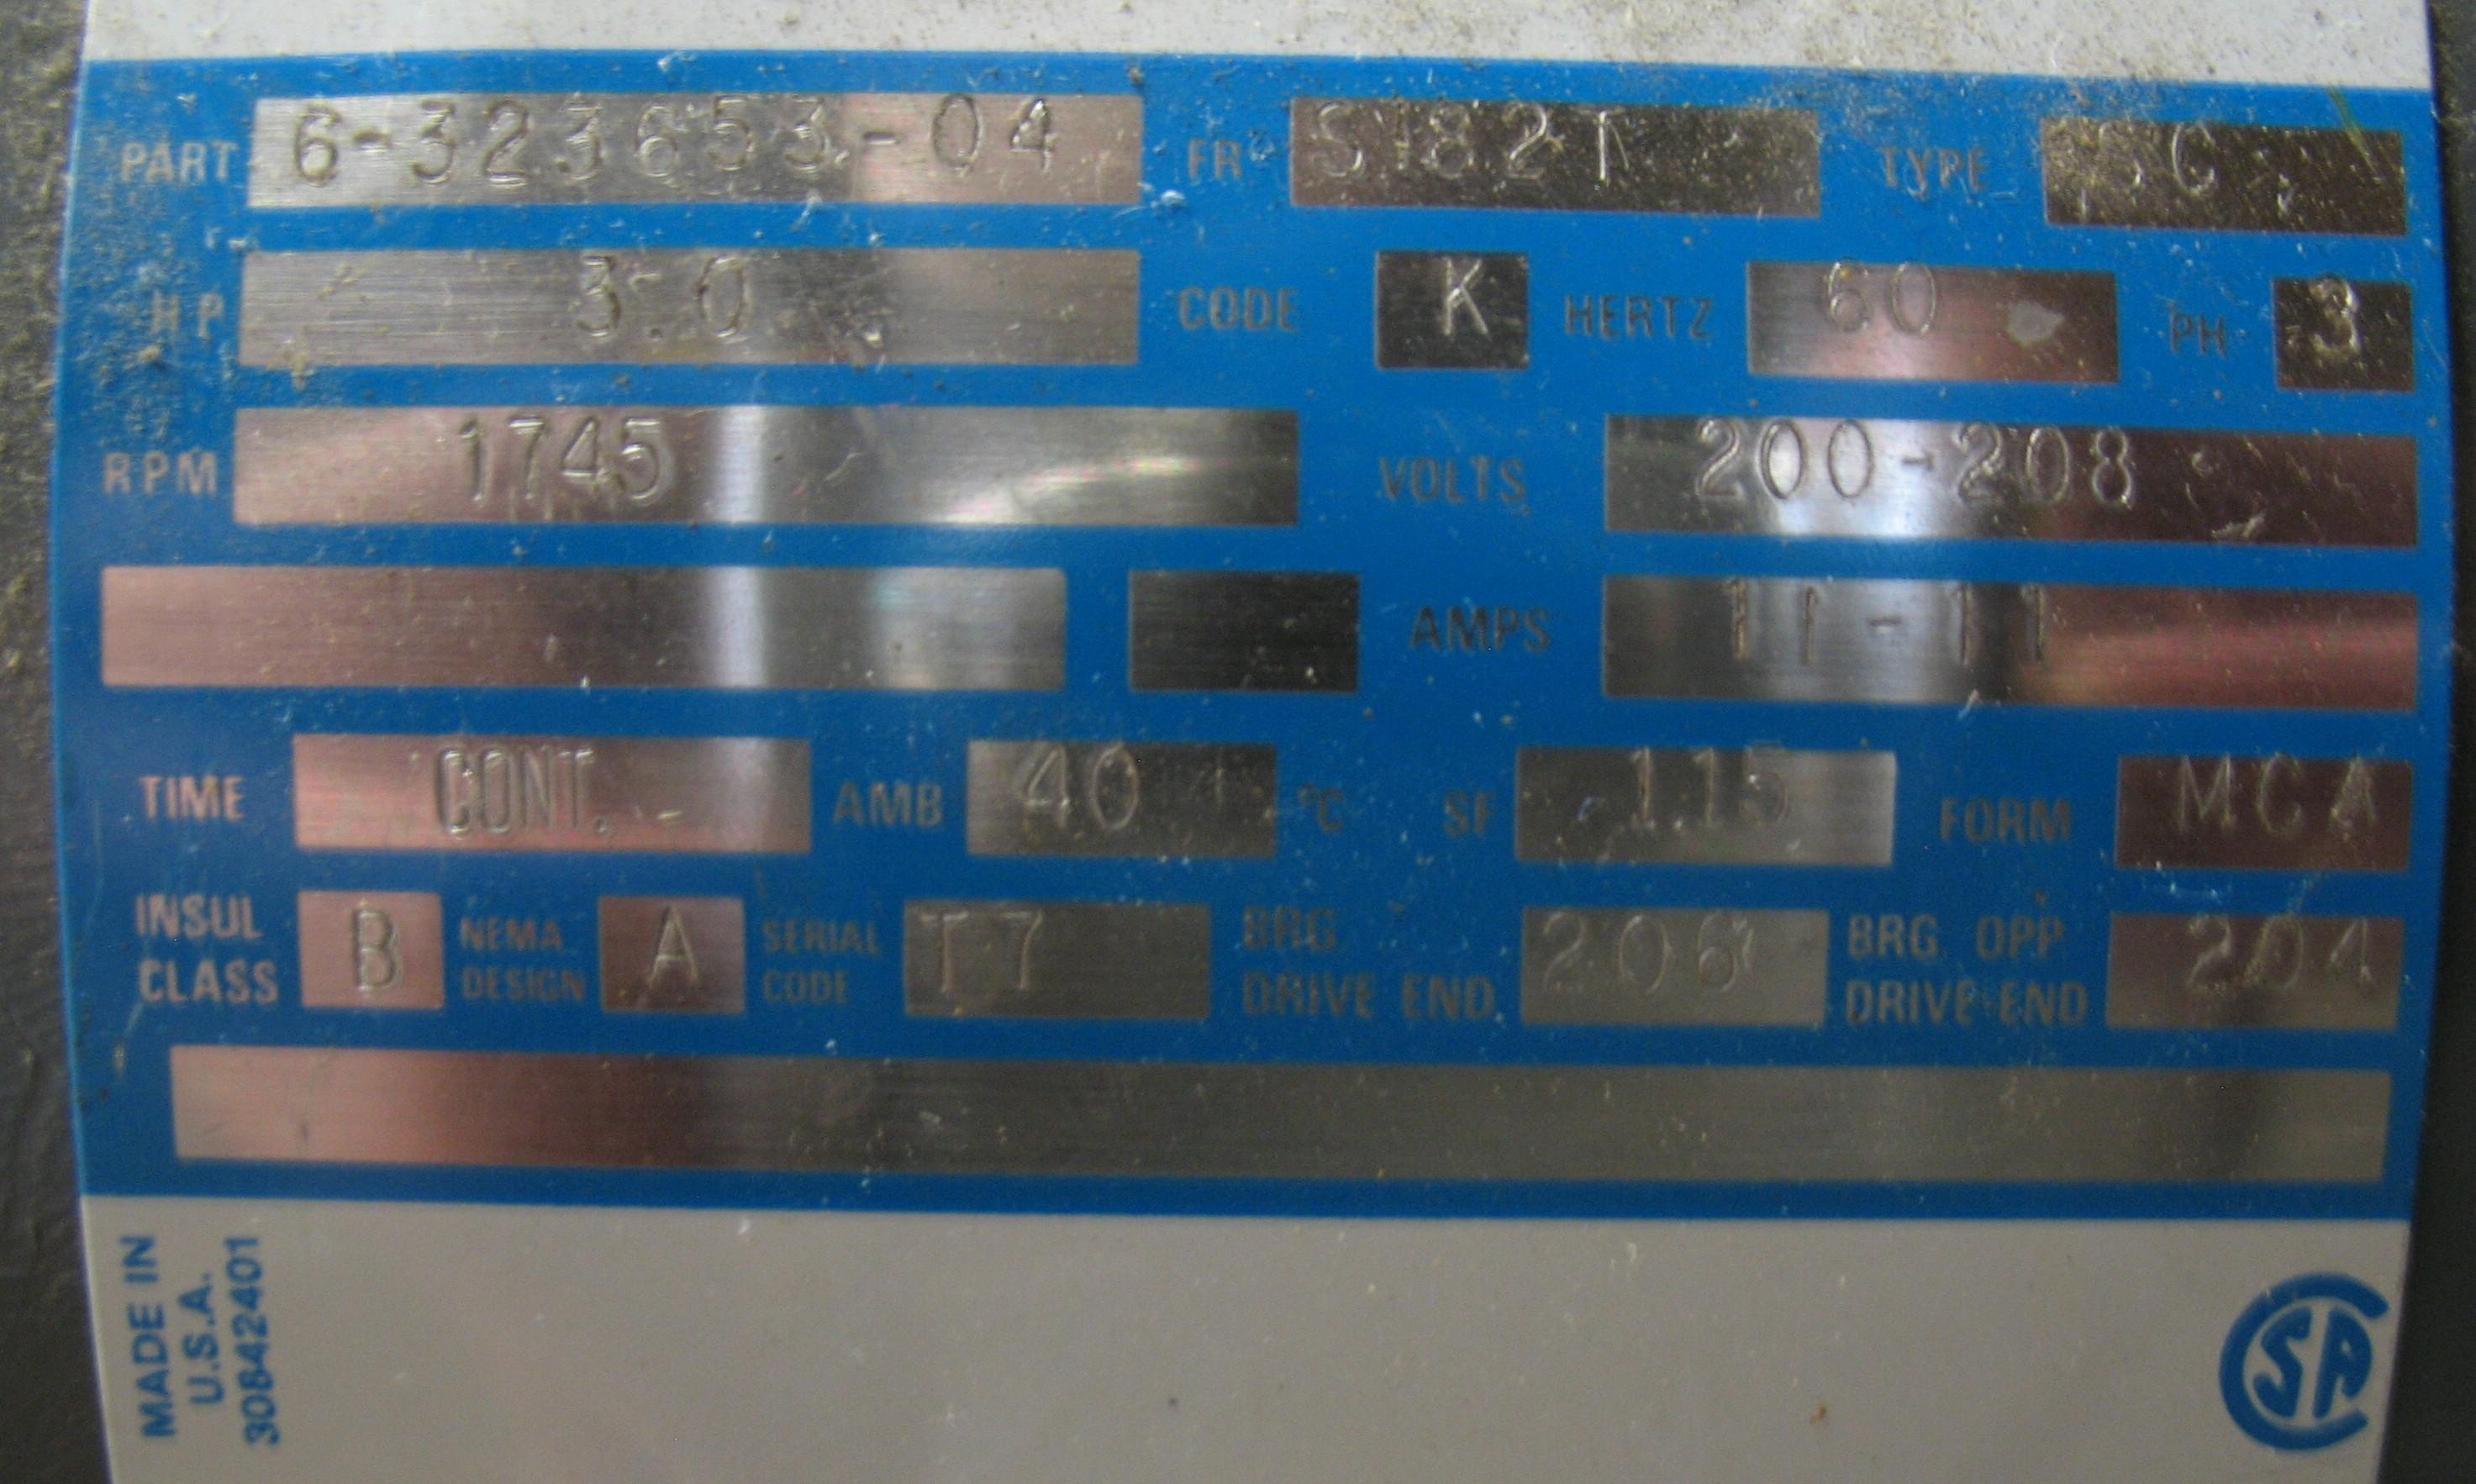 Cmc digimaster 12 manual duct